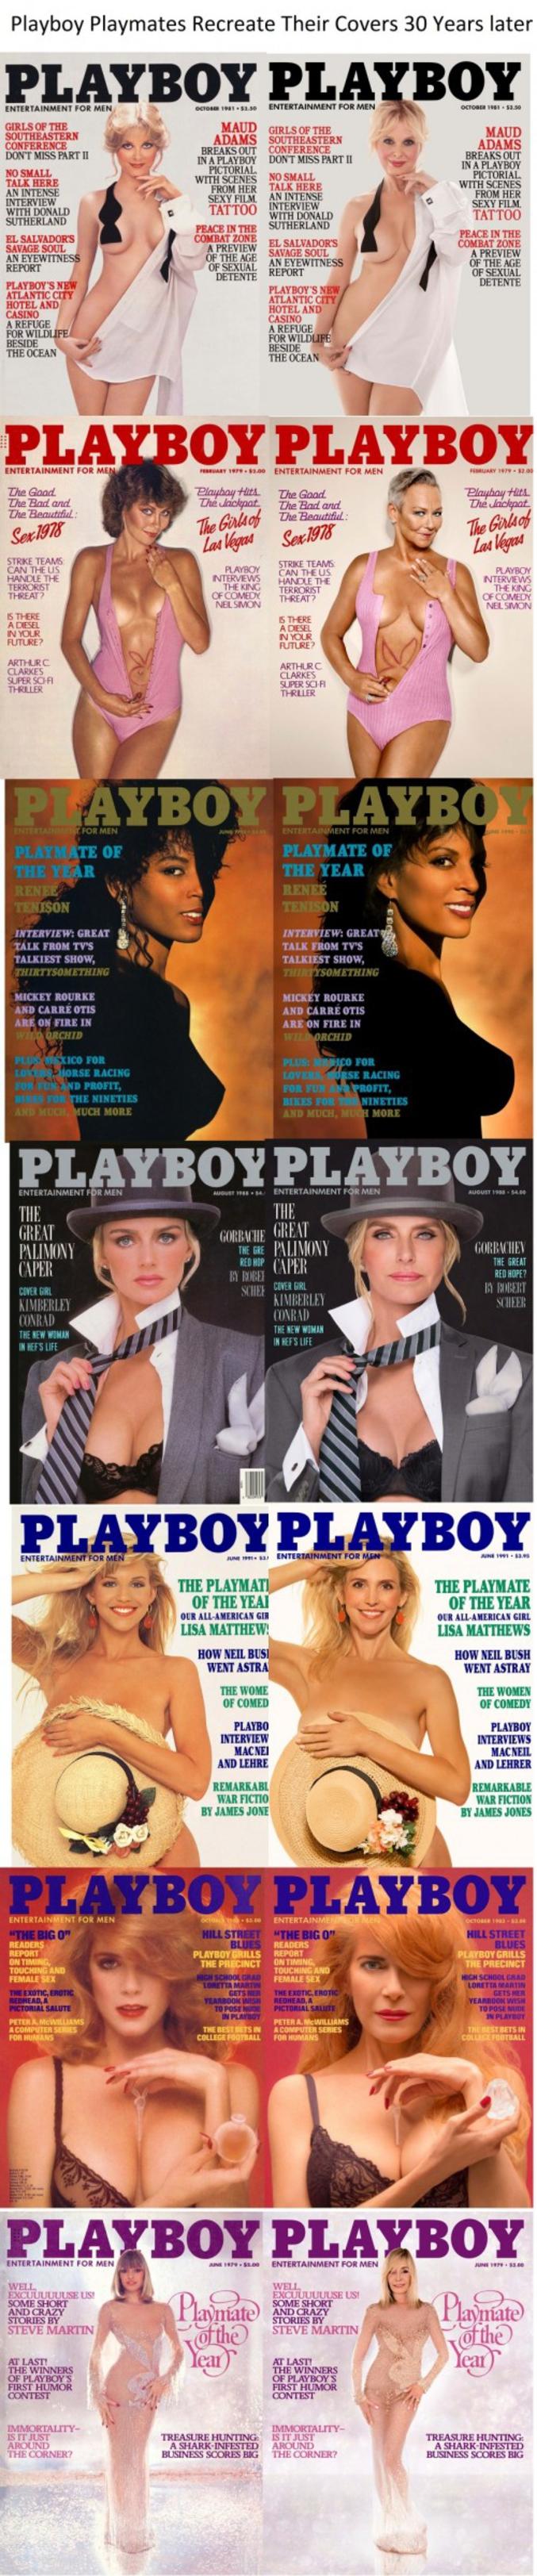 Les playmates refont la couverture d'un célèbre magazine.